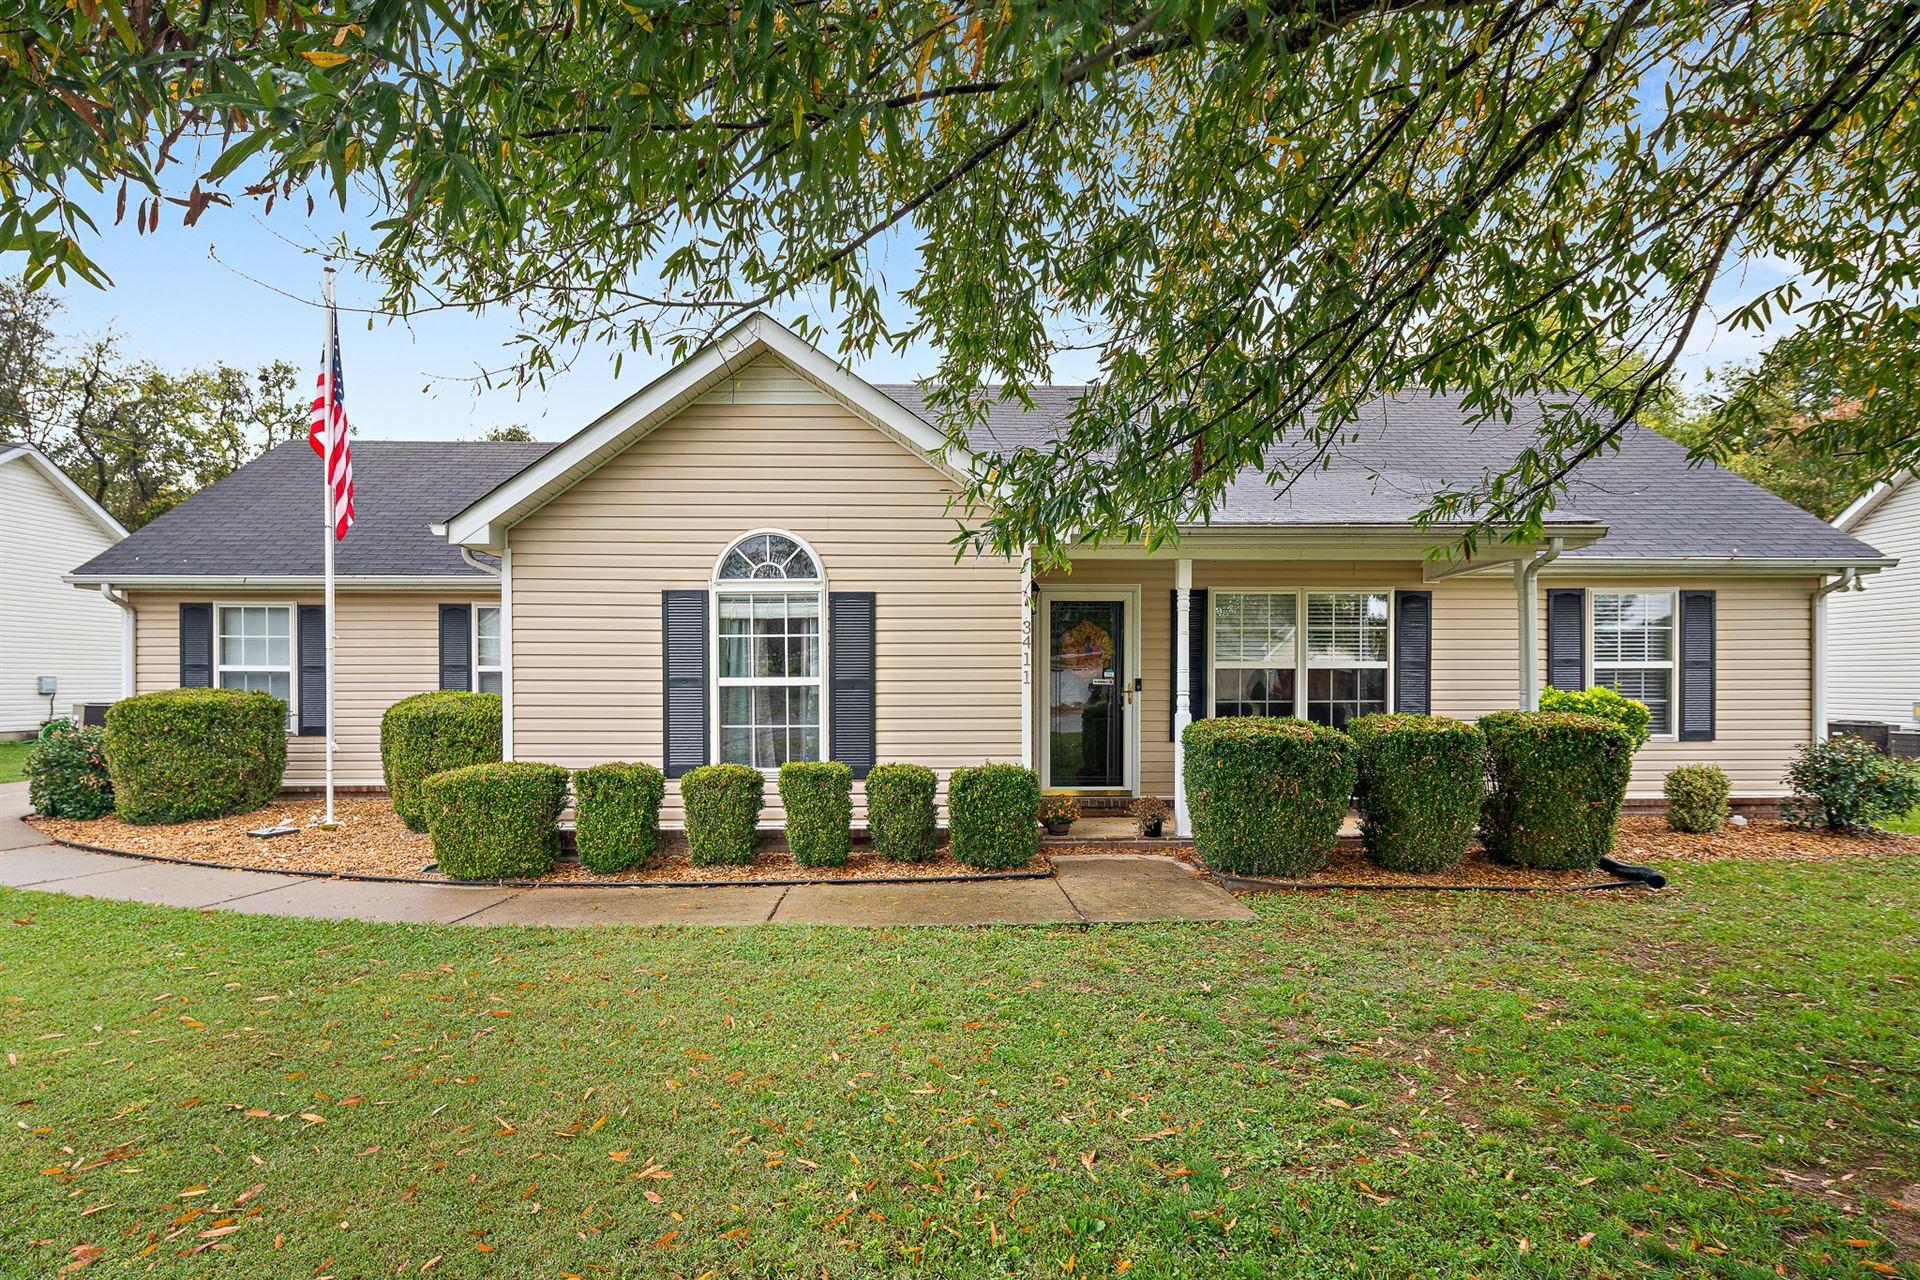 3411 Hardwood Dr, Murfreesboro, TN 37129 - MLS#: 2201381